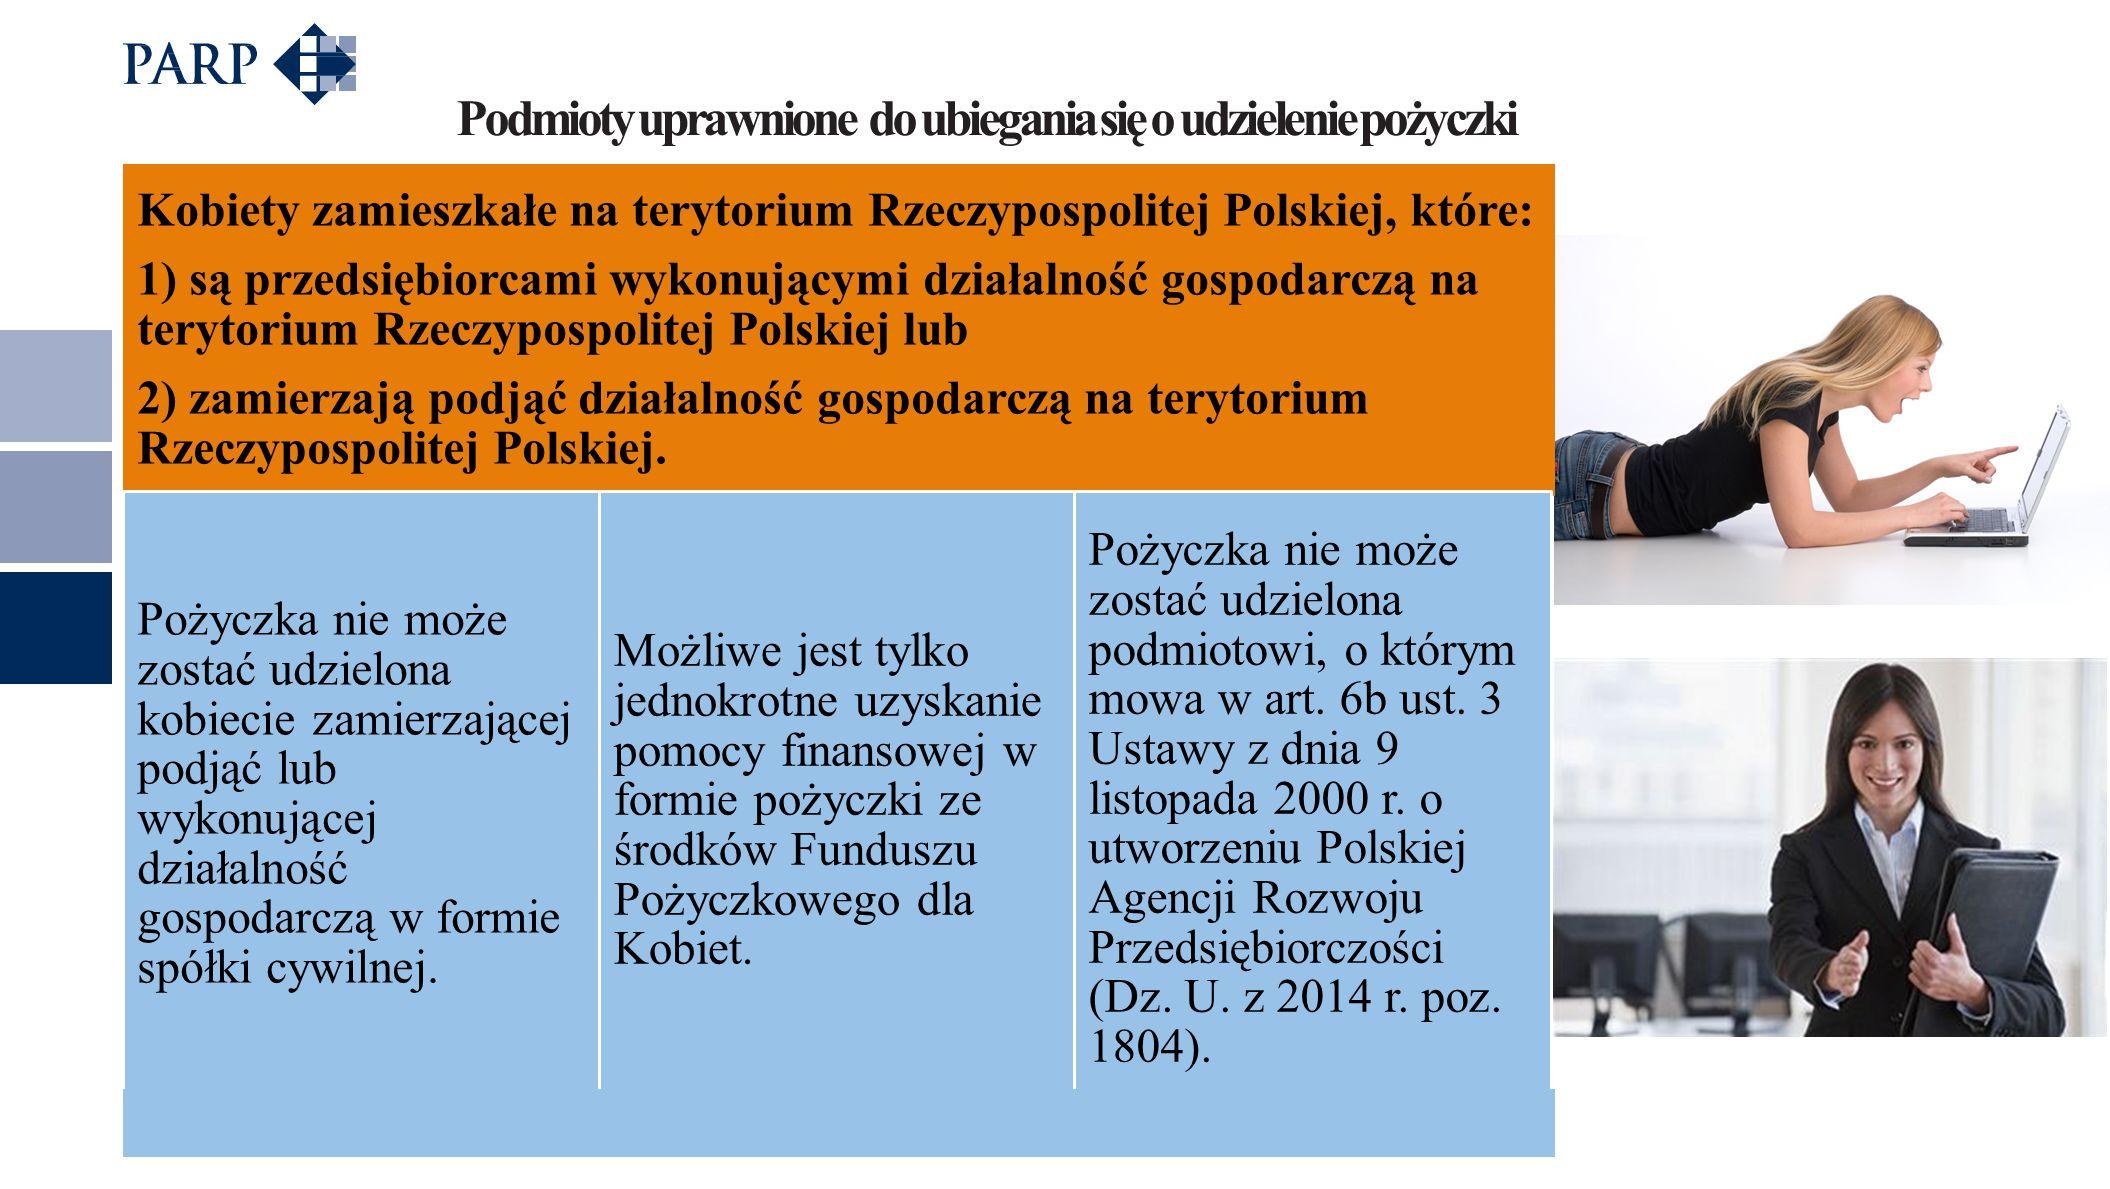 Podmioty uprawnione do ubiegania się o udzielenie pożyczki Kobiety zamieszkałe na terytorium Rzeczypospolitej Polskiej, które: 1) są przedsiębiorcami